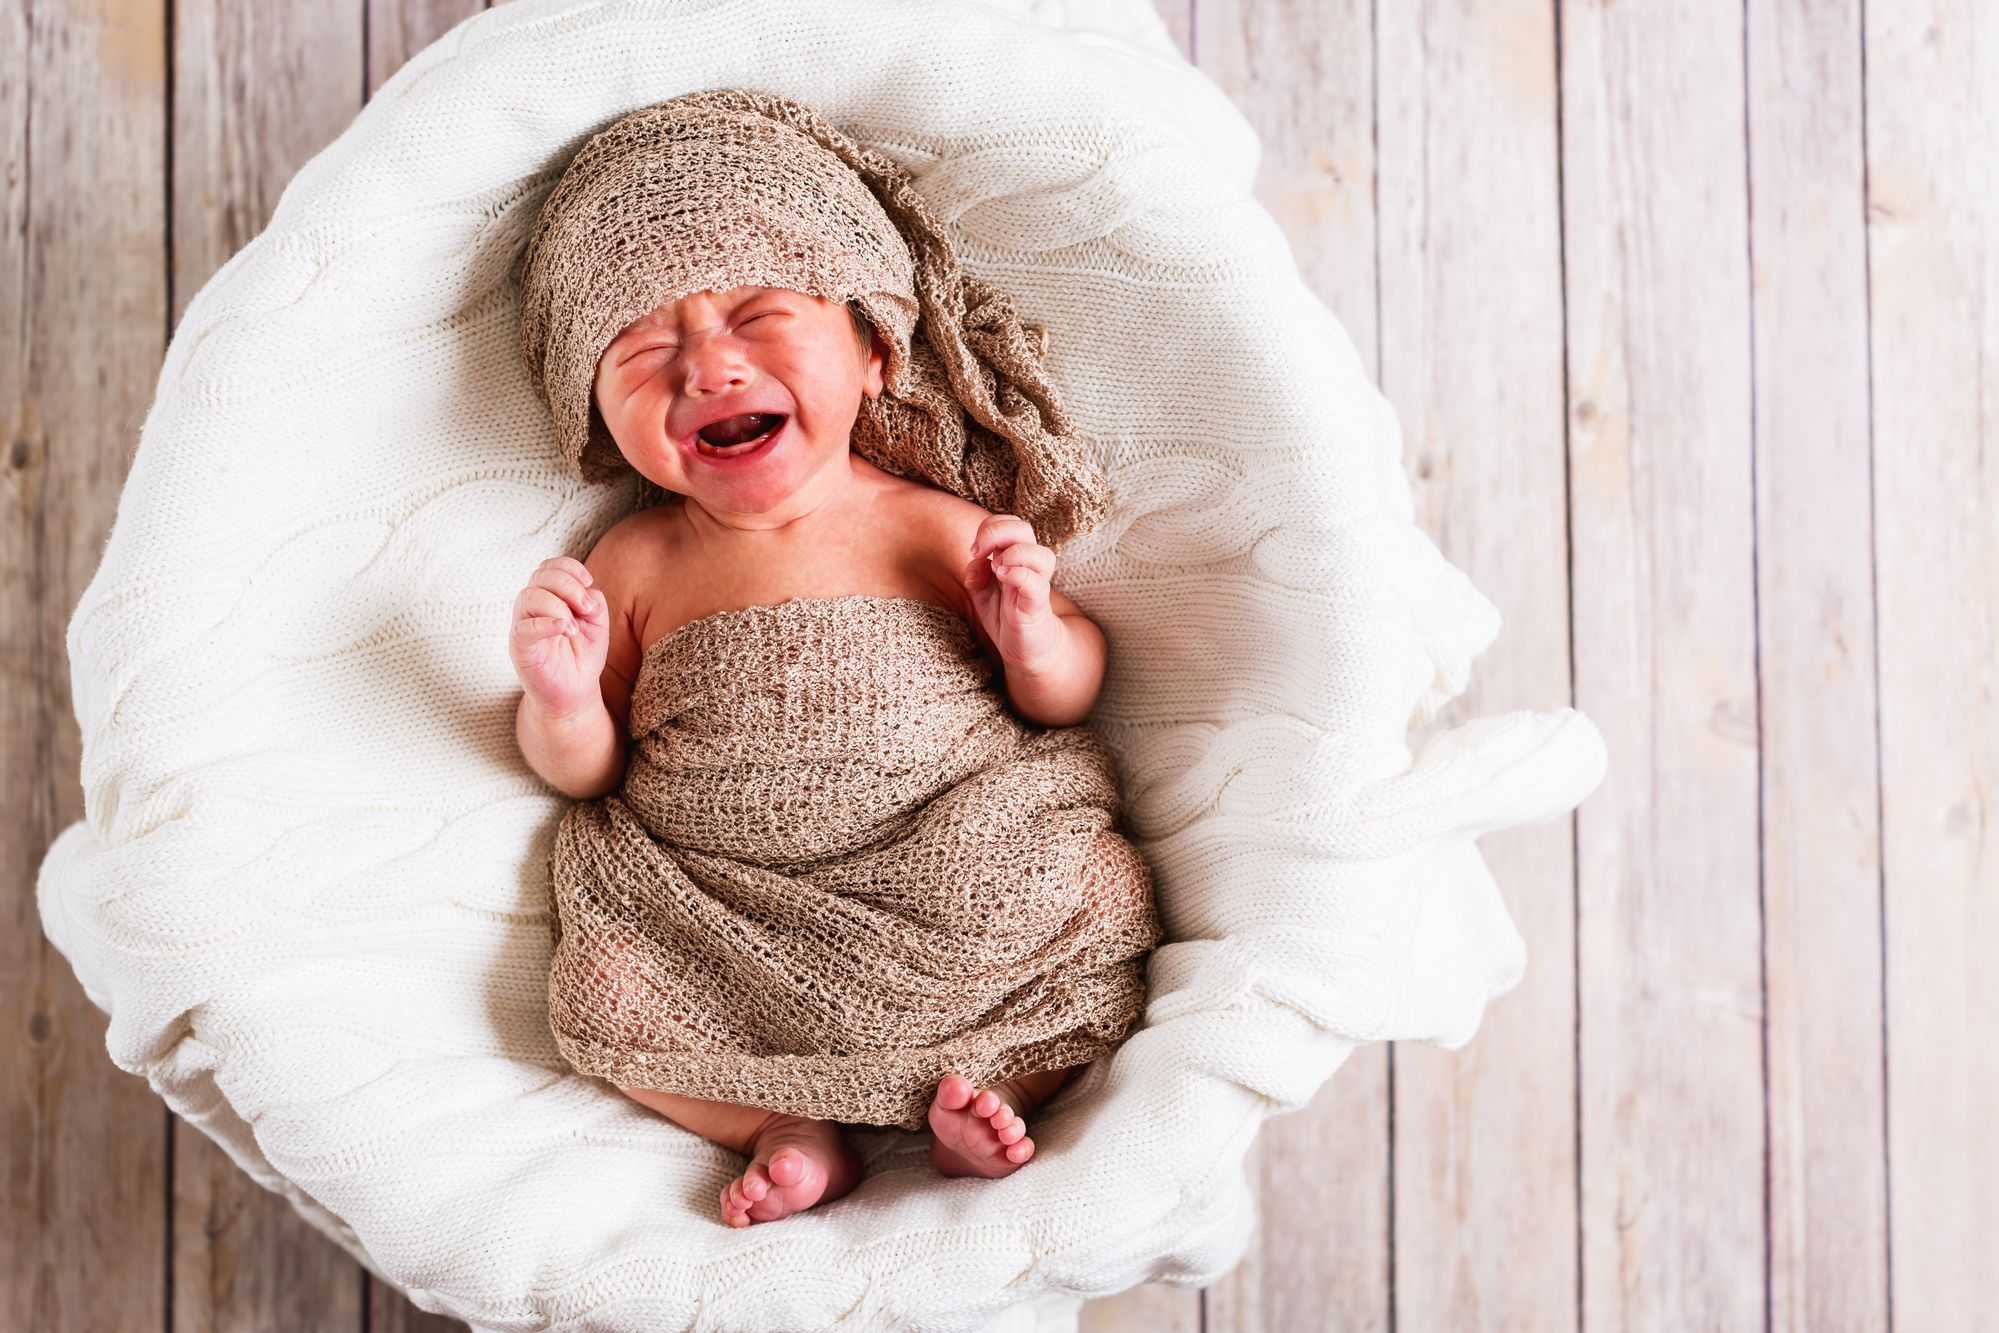 Что подарить на рождение мальчика его счастливым родителям?